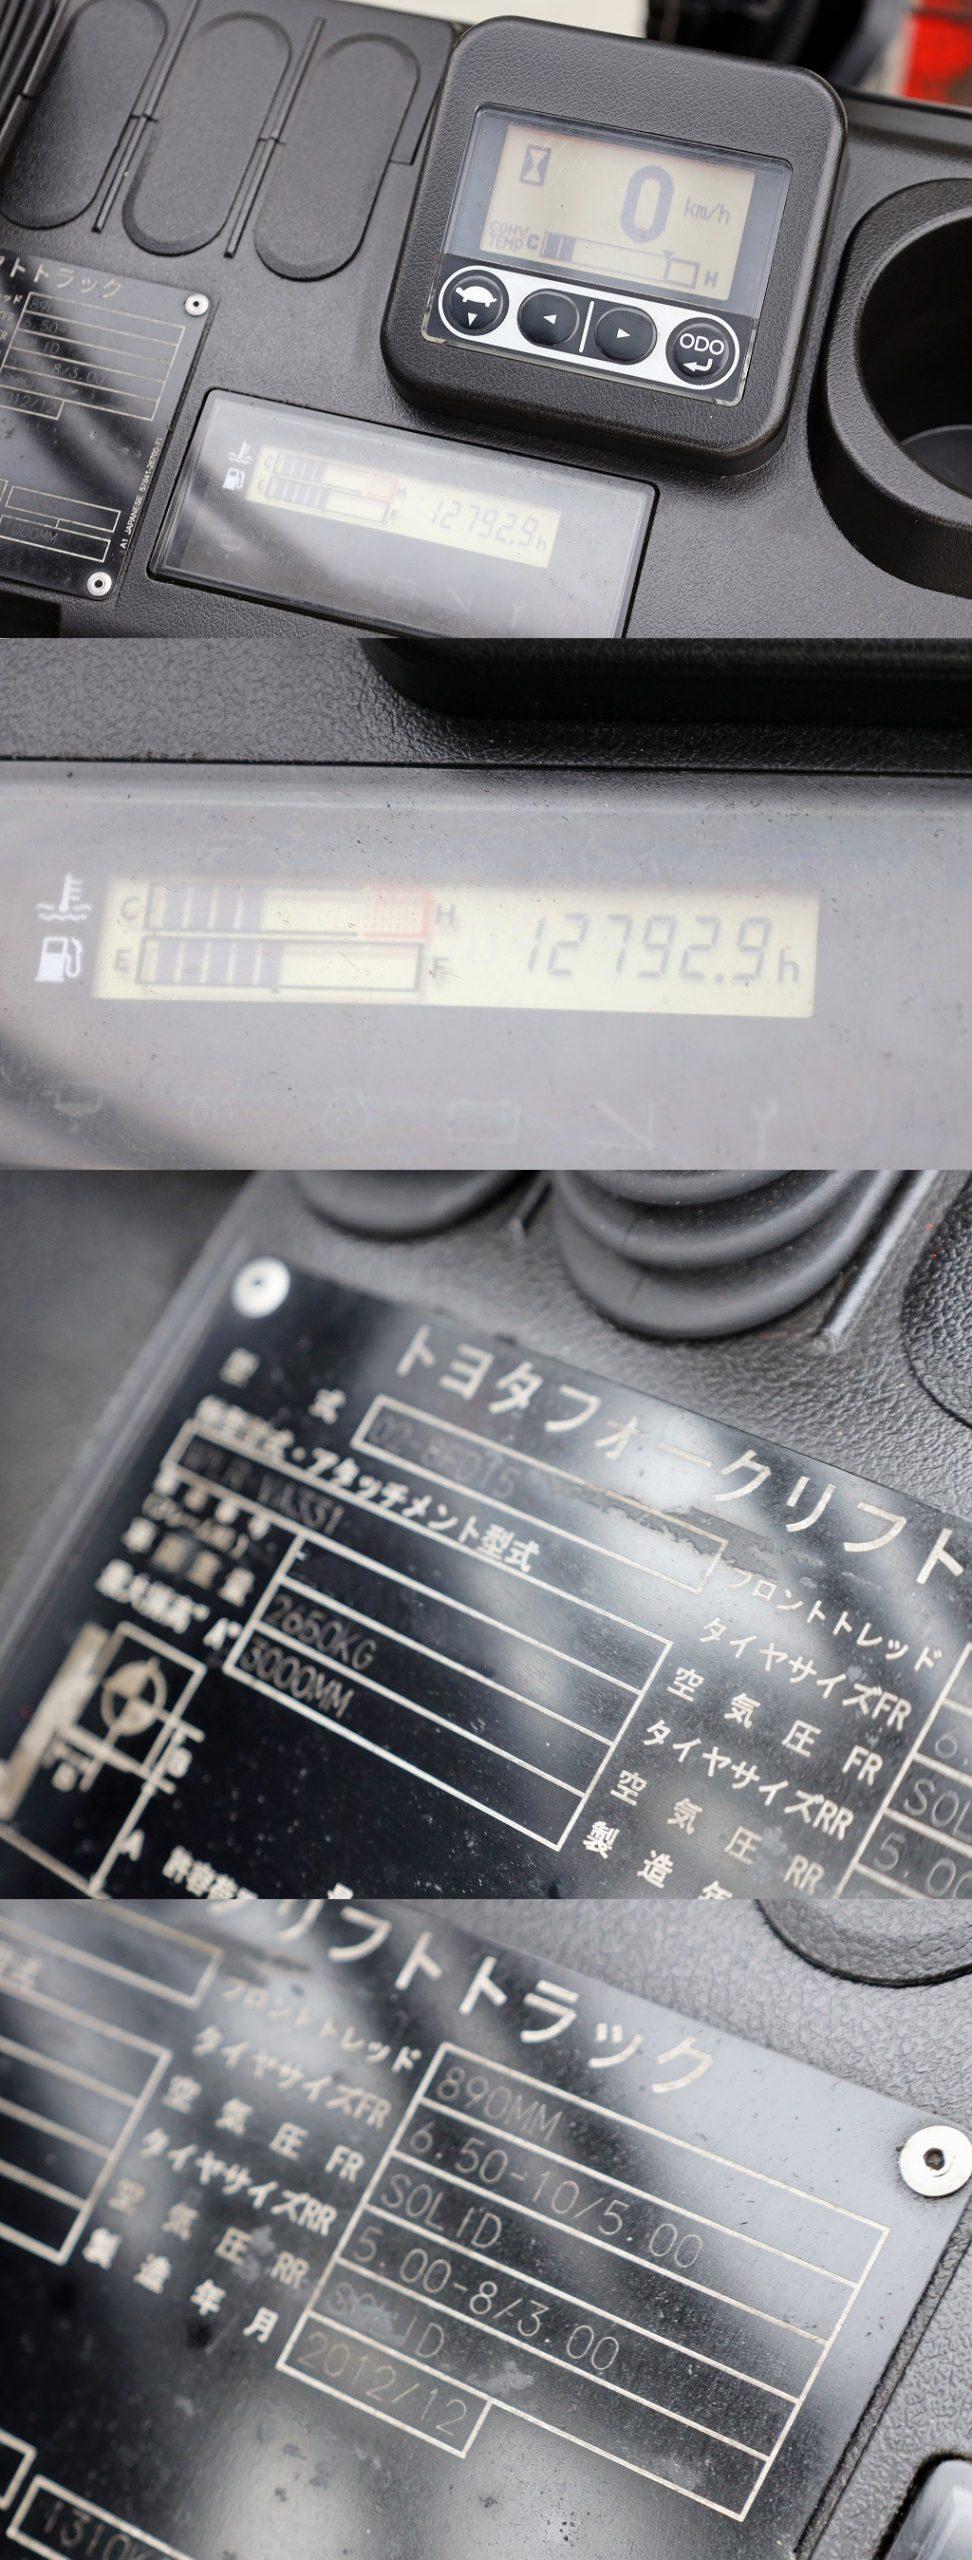 0163C21a1